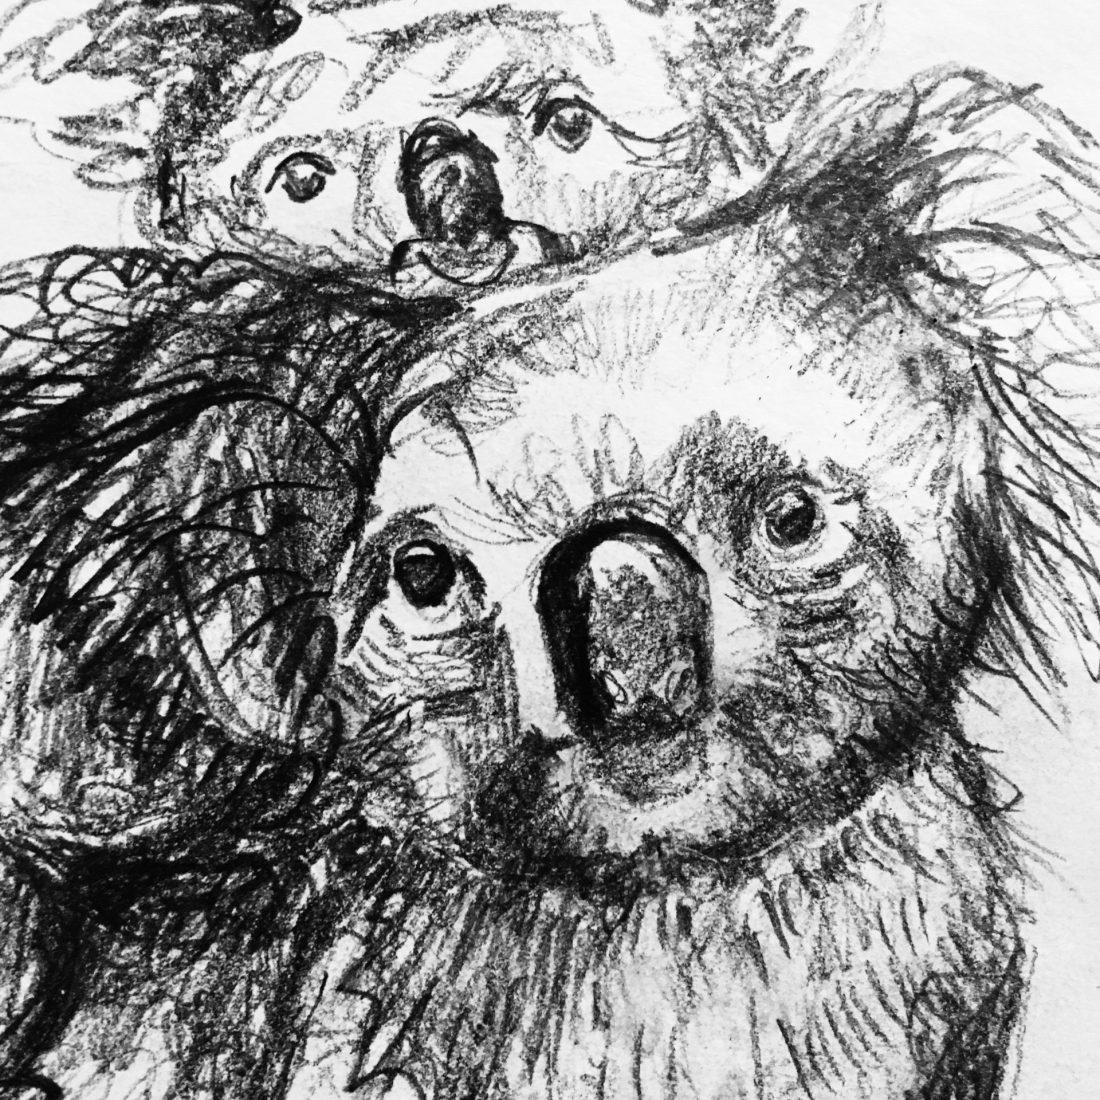 Koala Babes